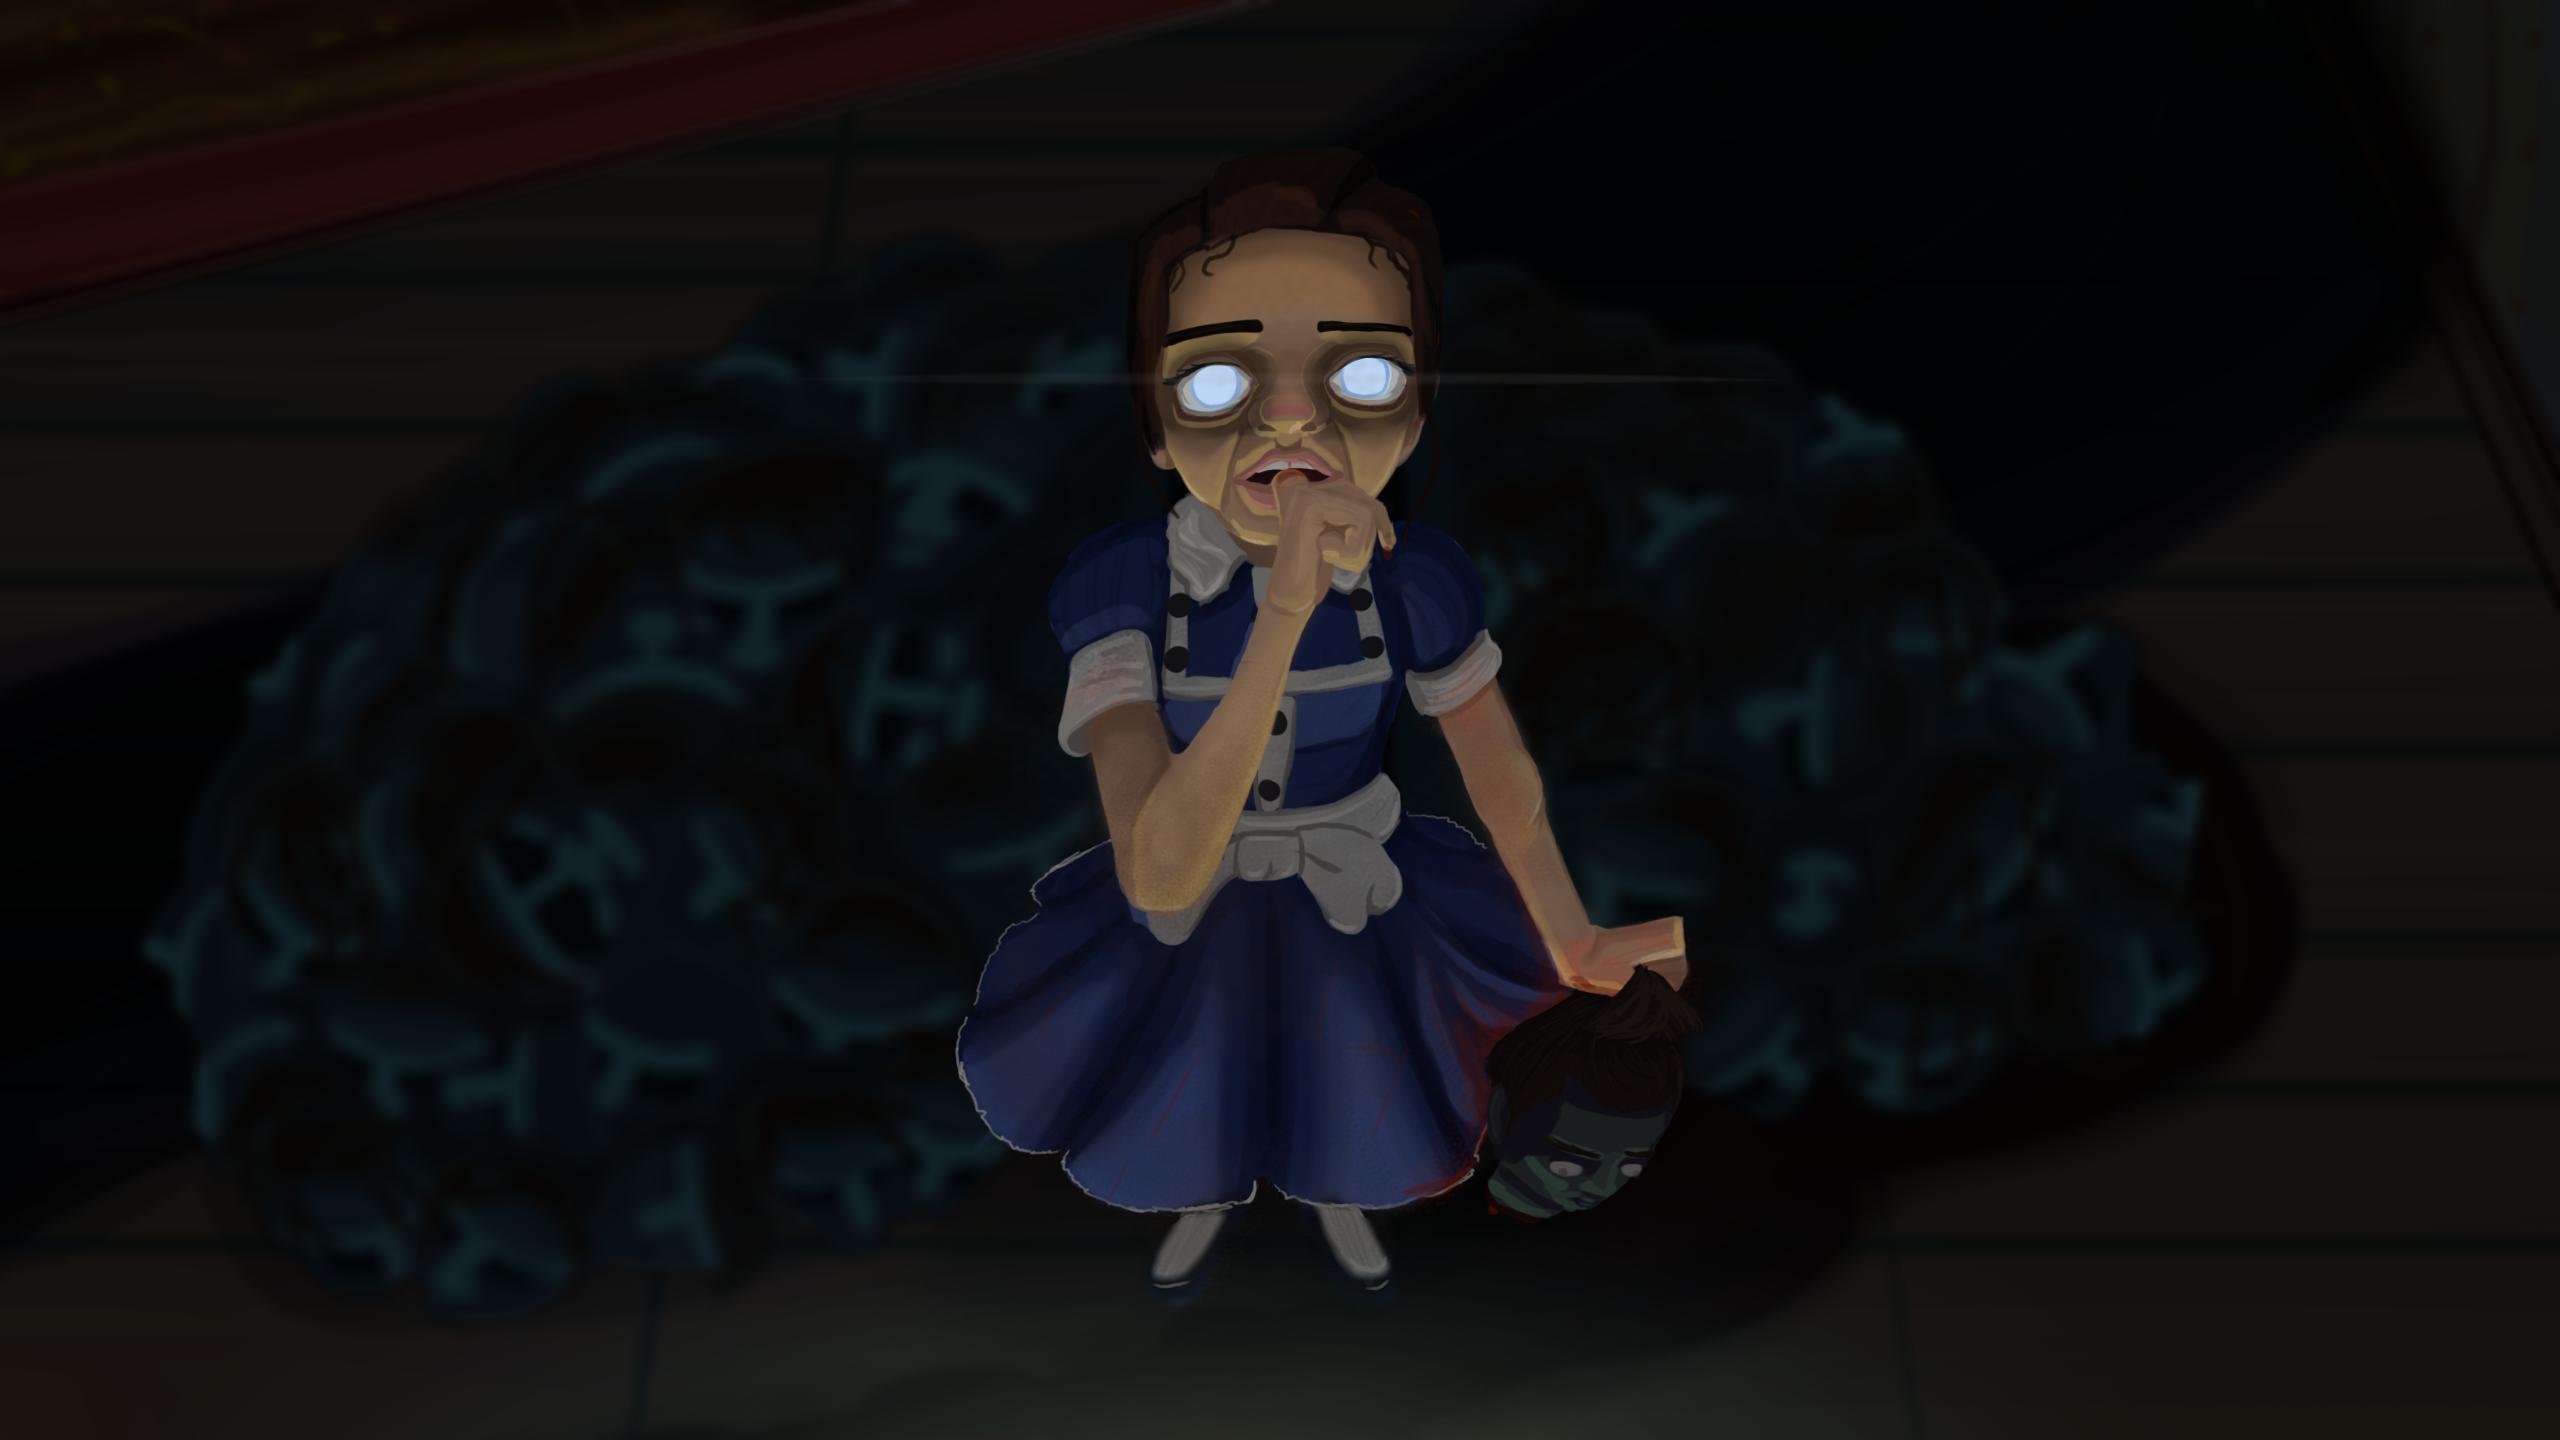 Grotesque Little Girl